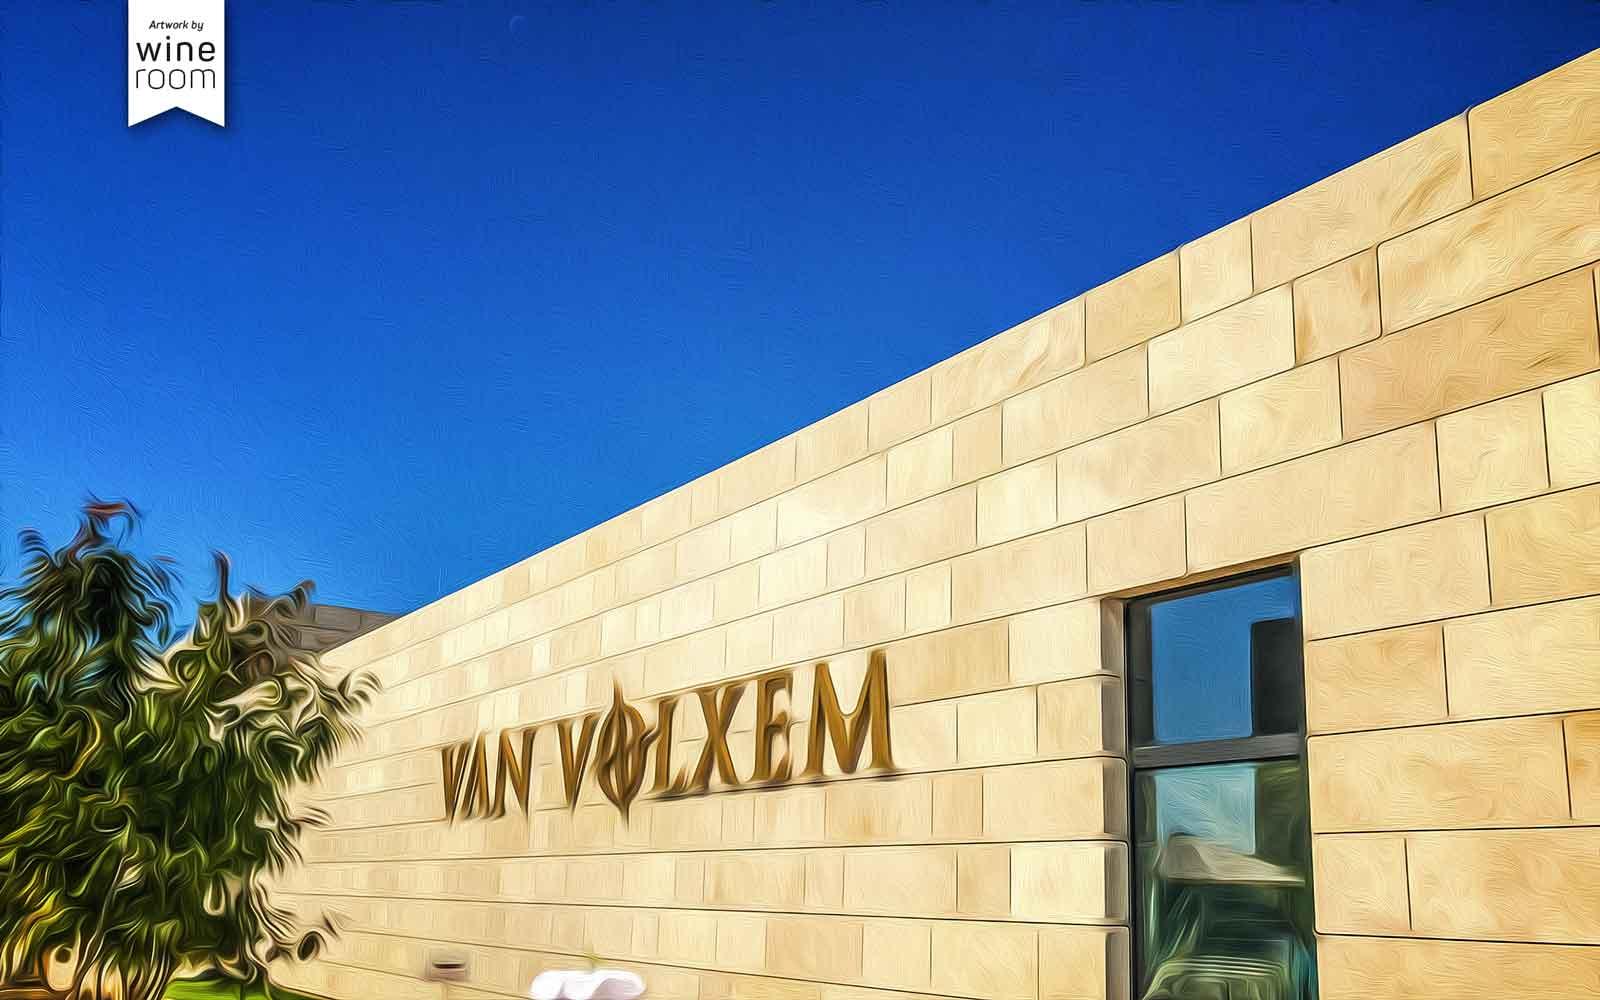 Van Volxem neues Gebäude Tasting-Kubus